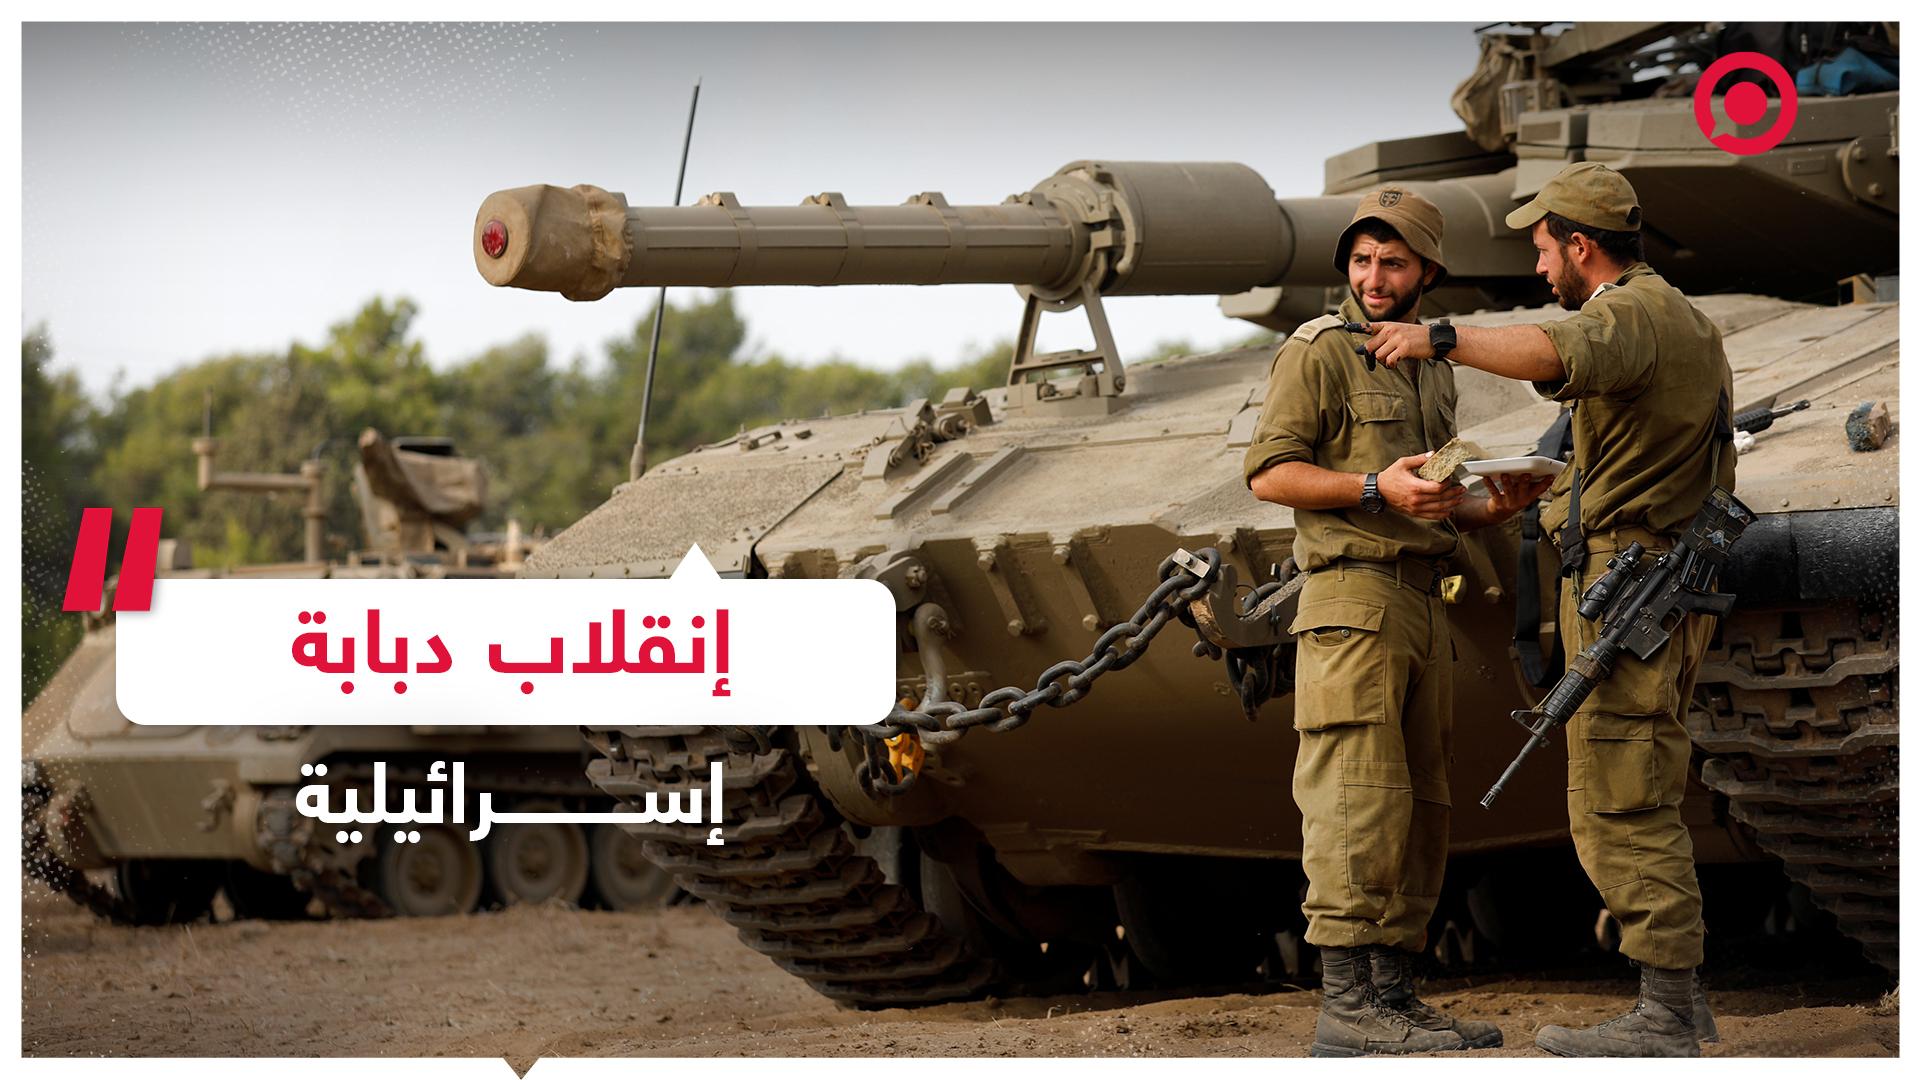 إسرائيل - دبابات - الجيش الإسرائيلي